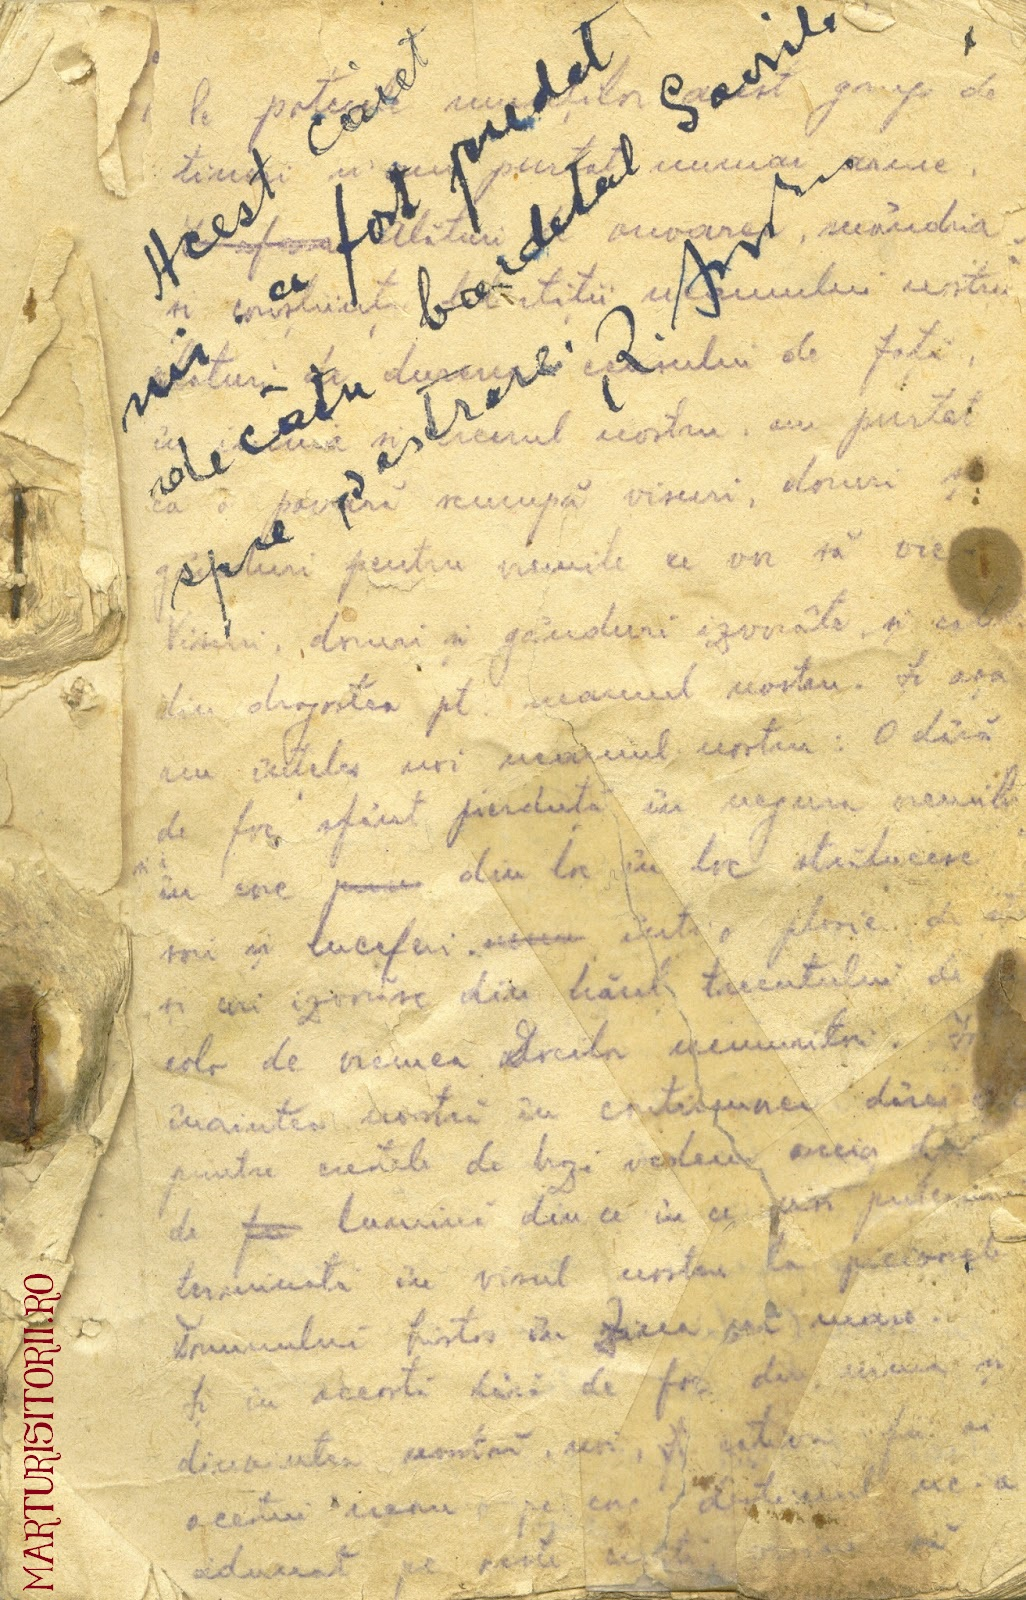 Testamentul Grupului Carpatin Fagarasan Ogoranu 1 - Manuscris CNSAS Marturisitorii Ro